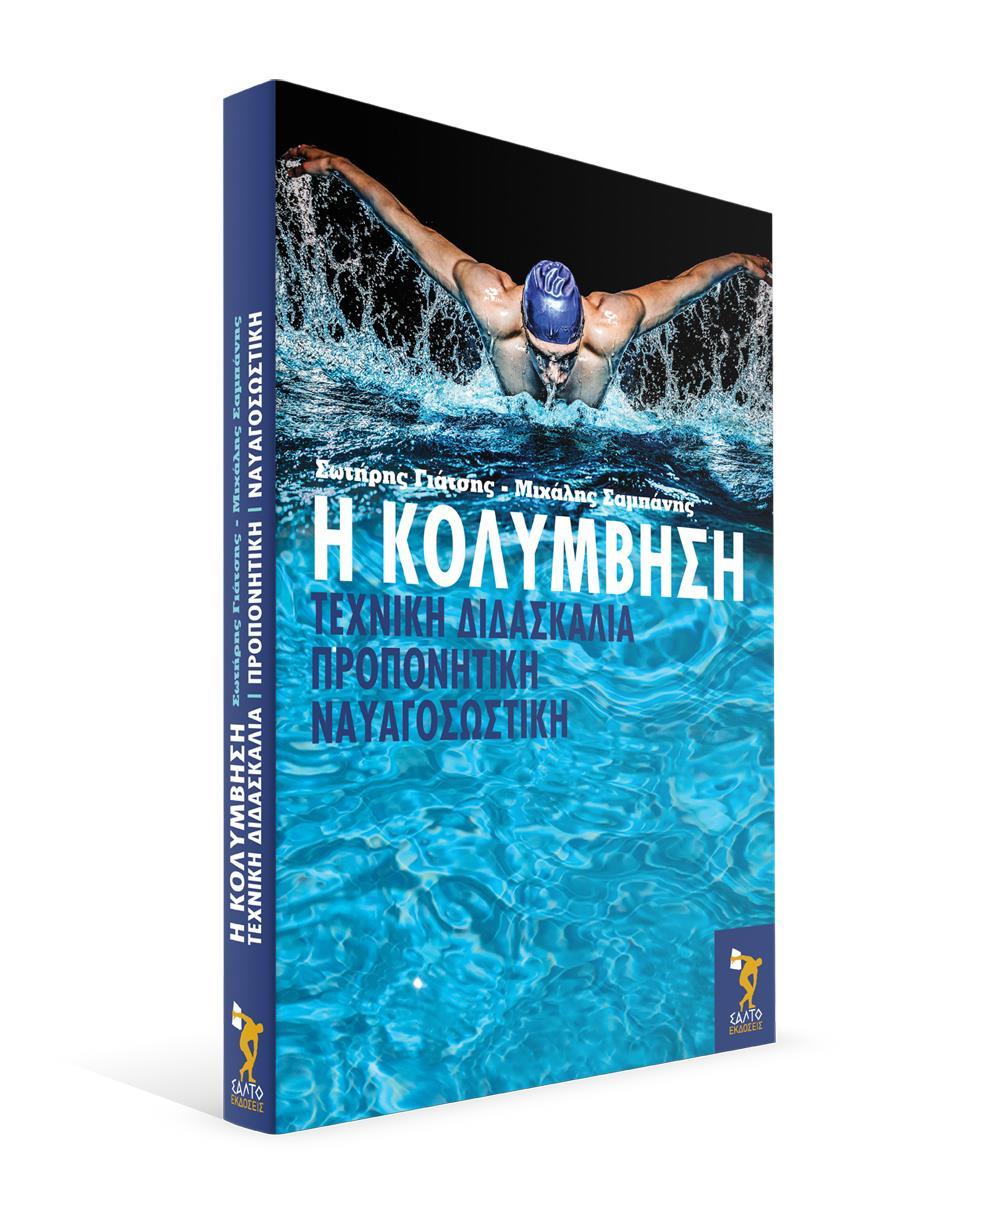 Η ΚΟΛΥΜΒΗΣΗ -SALTO- ΤΕΧΝΙΚΗ Διδασκαλία Προπονητική Ναυαγοσωστική. Υδάτινα σπορ - Κολύμβηση - Διδασκαλία